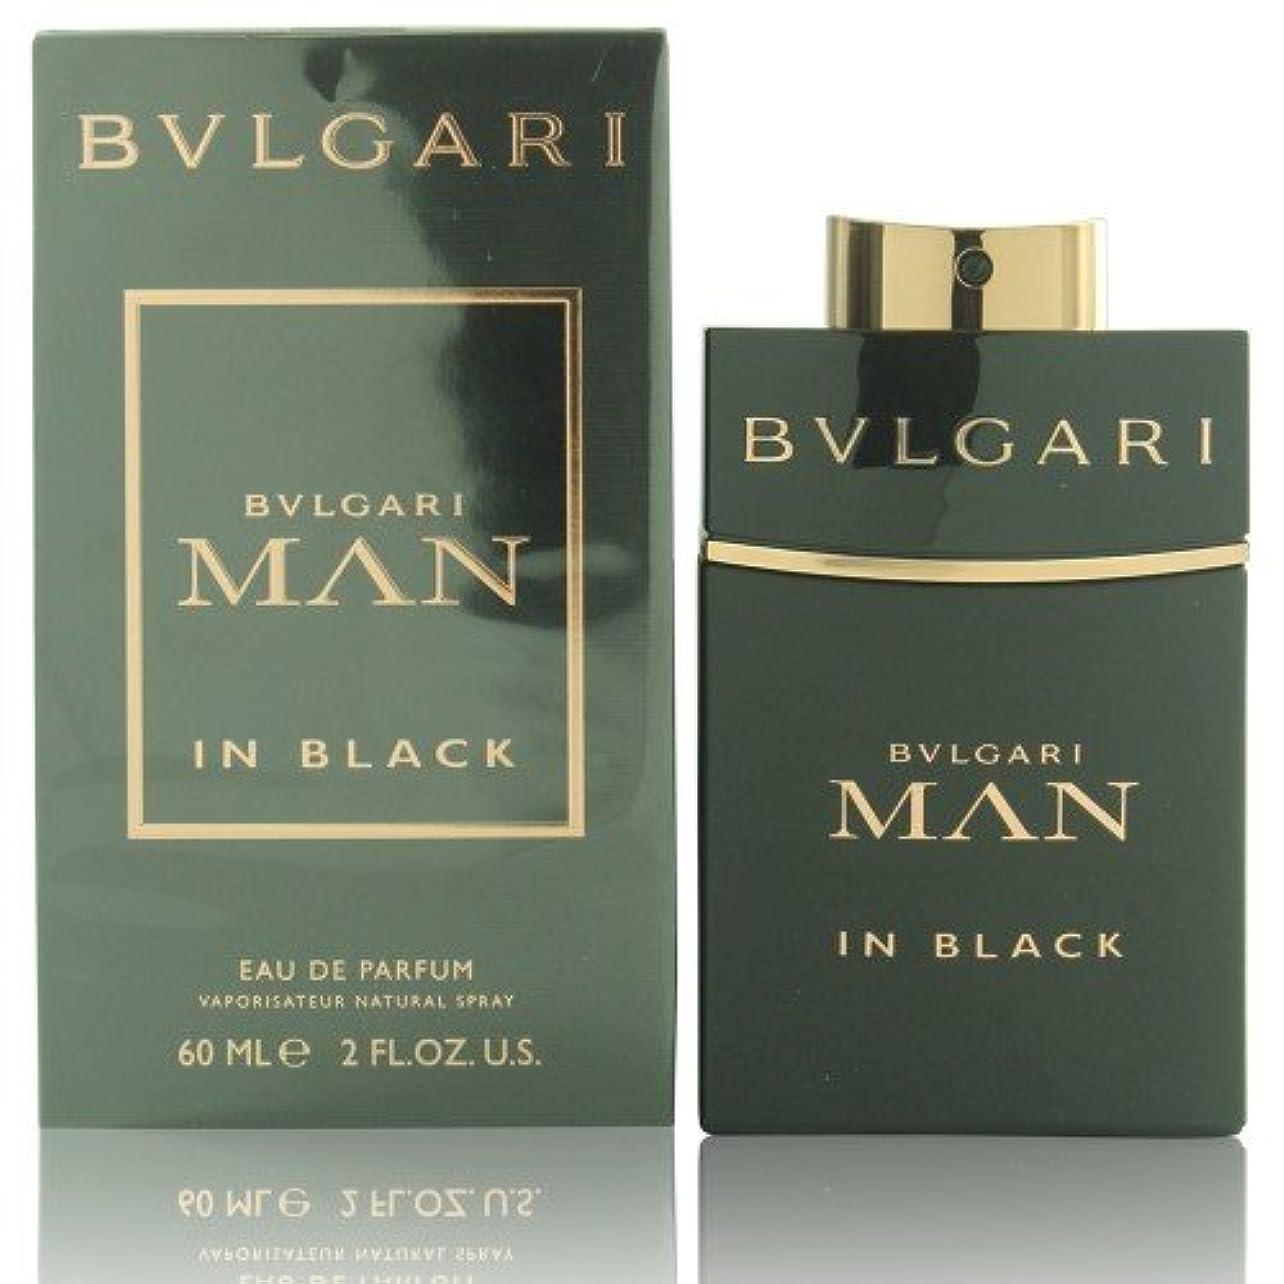 失敗なので面白いブルガリ(BVLGARI) マン イン ブラック オードパルファム スプレー 100ml[並行輸入品]